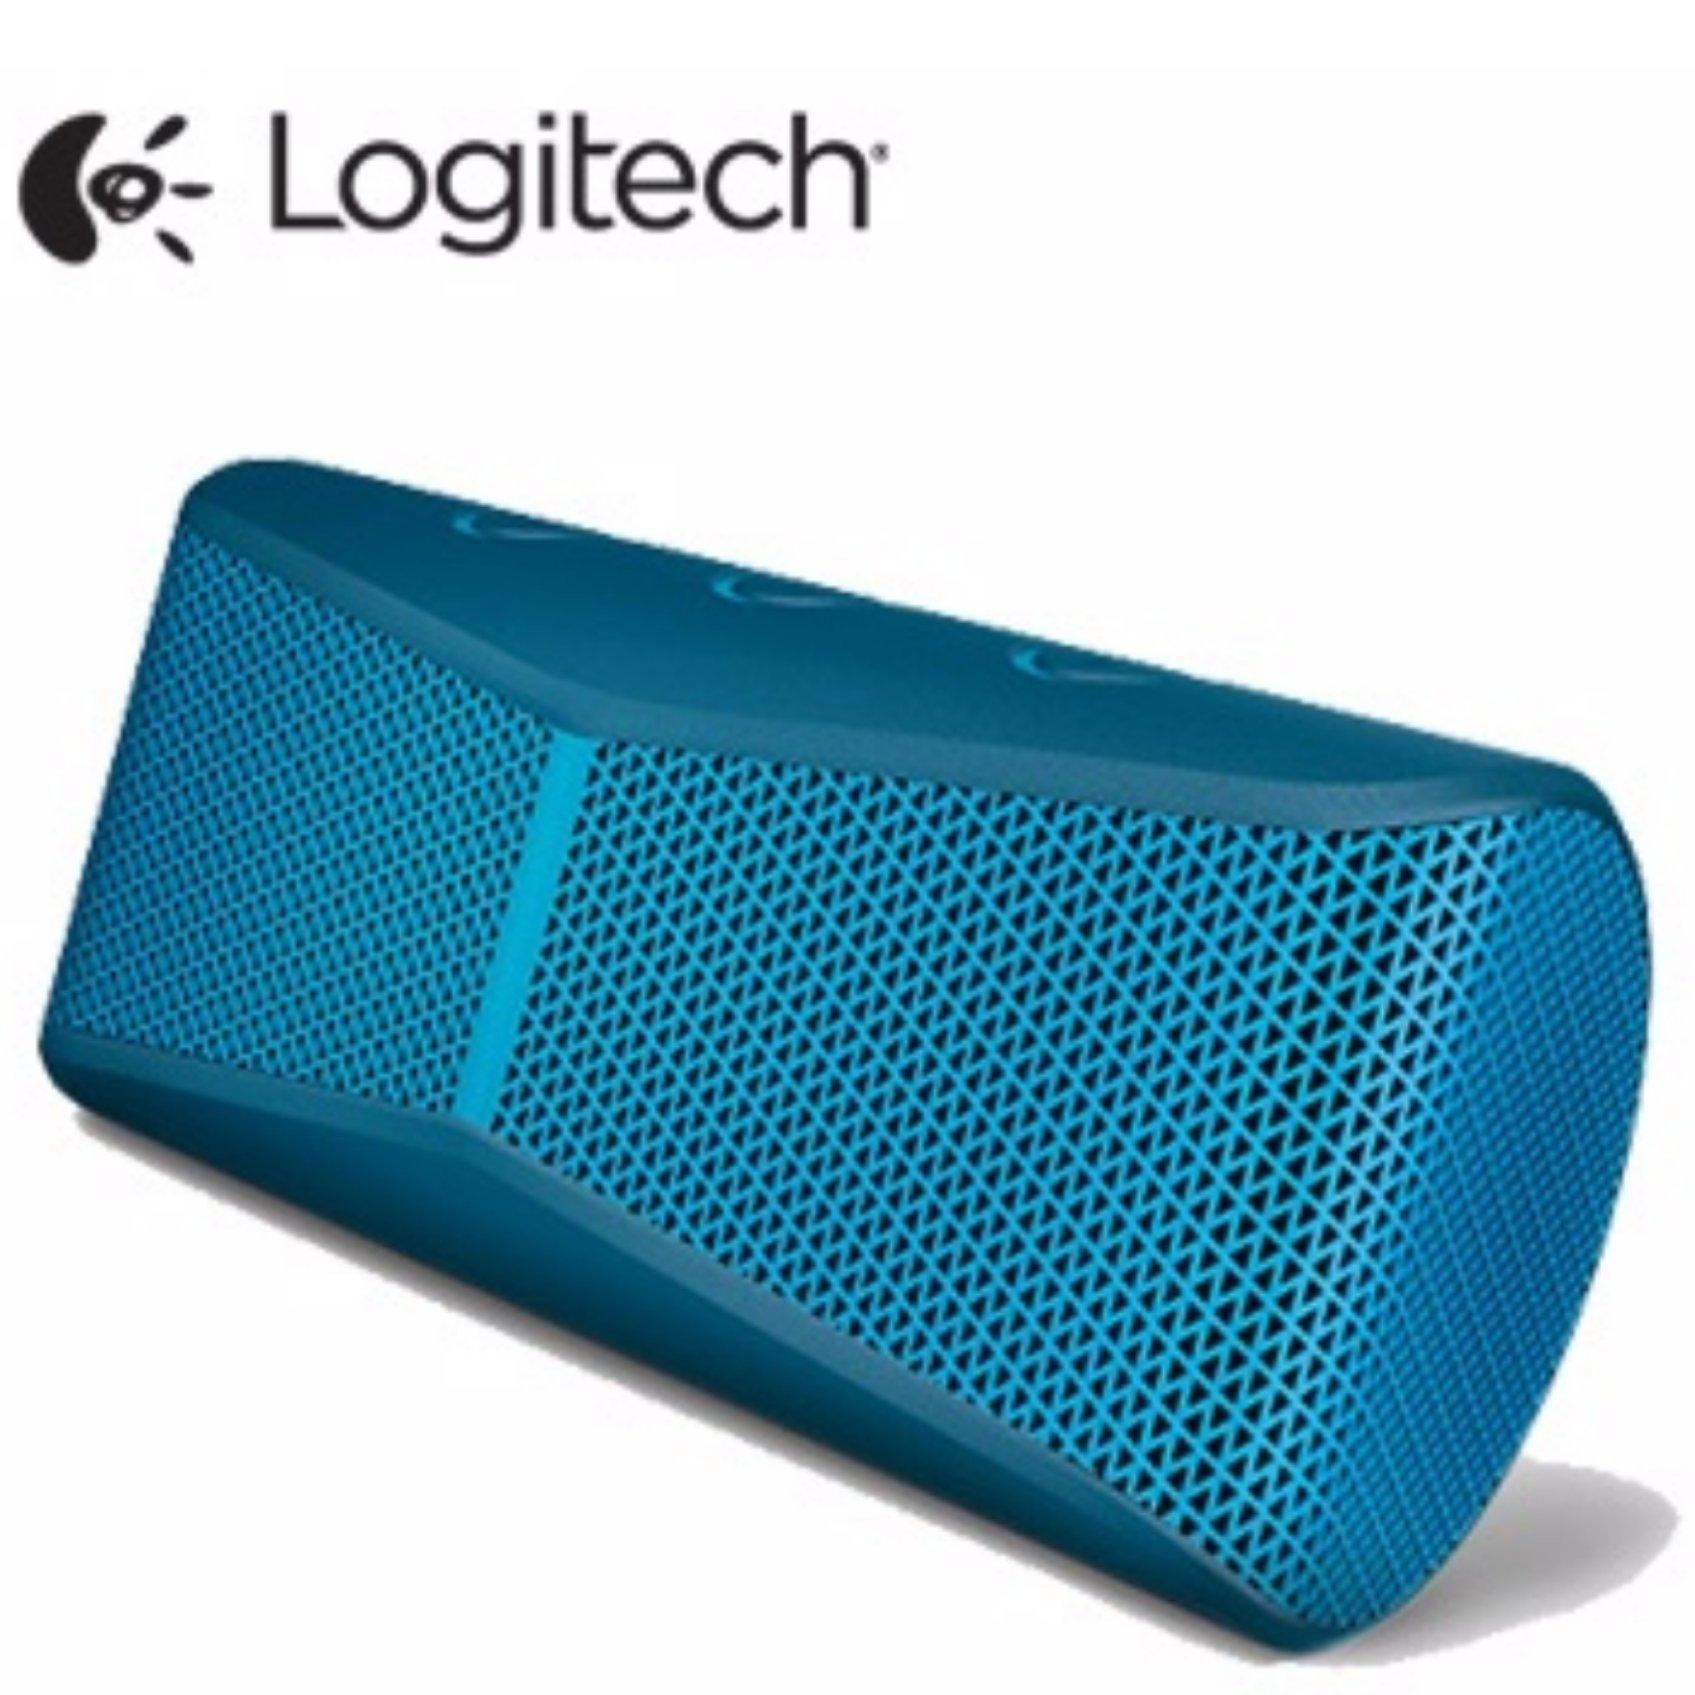 羅技 LOGITECH X300 行動無線立體音箱(藍) 984-000427